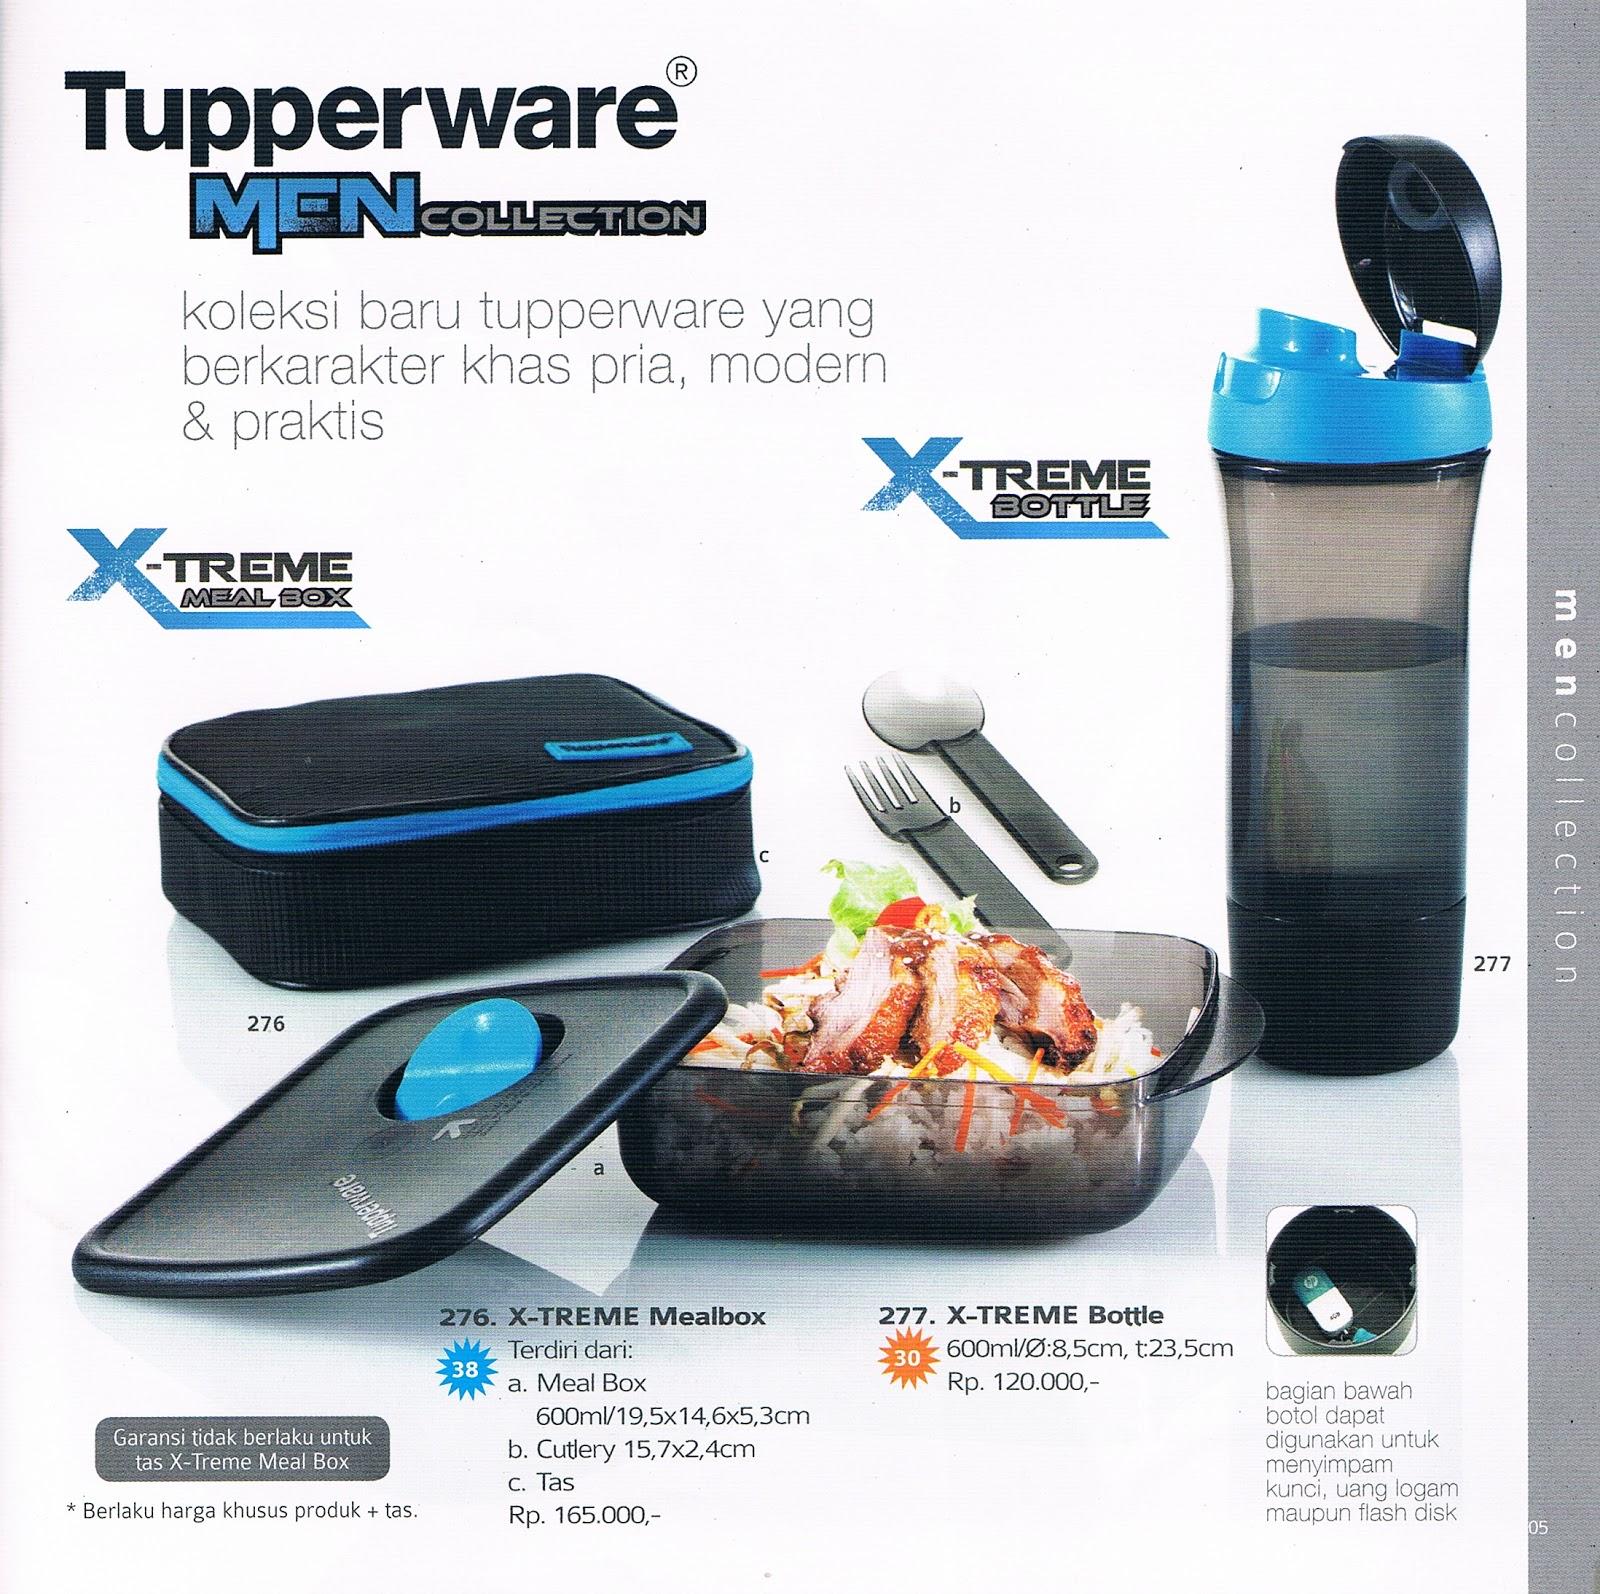 ALiaTupperware: Katalog Reguler Terbaru Tupperware November 2012